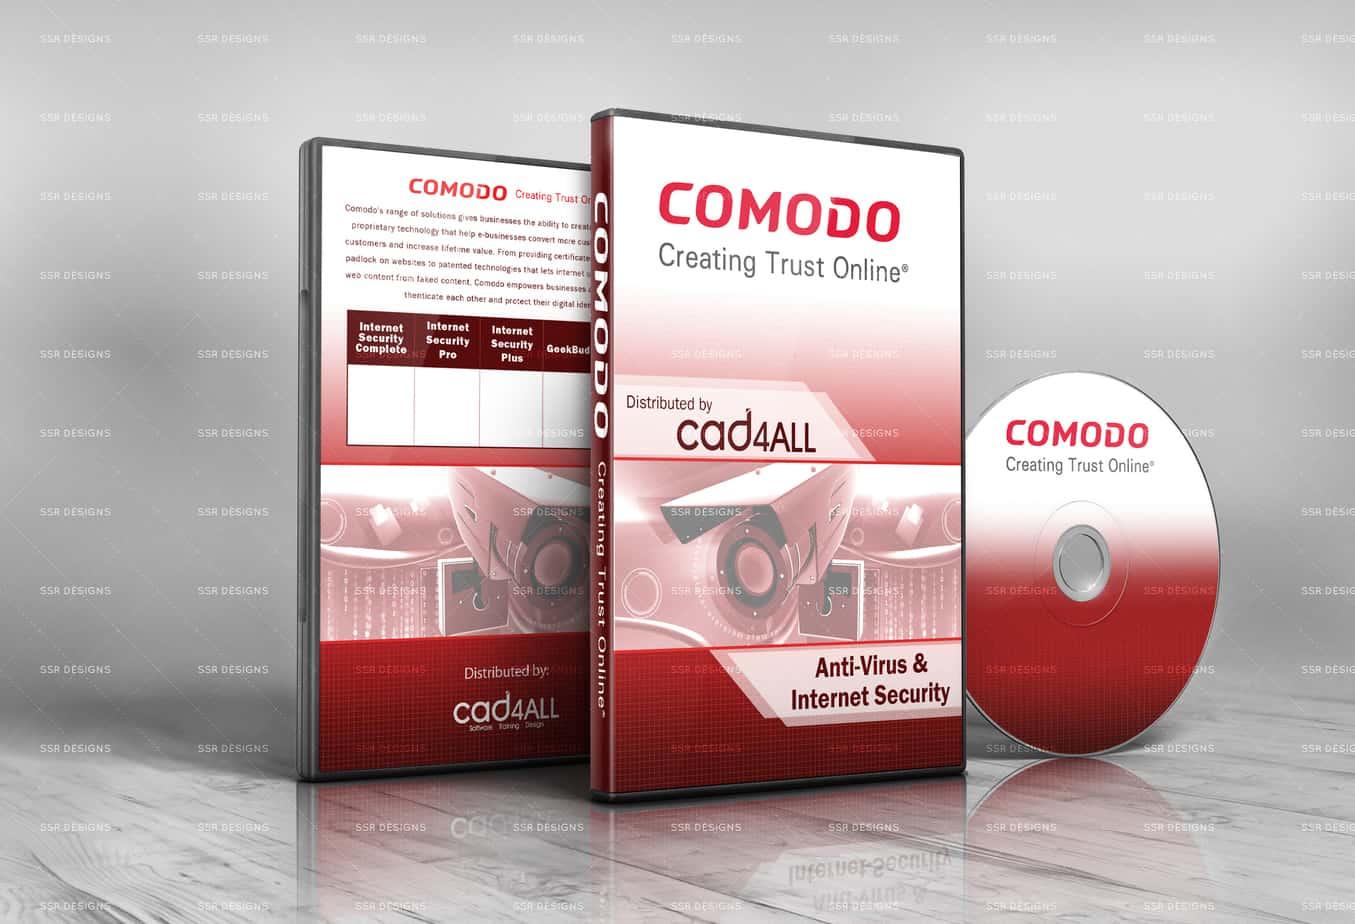 Comodo Software Cover Design by Shaun Robertson